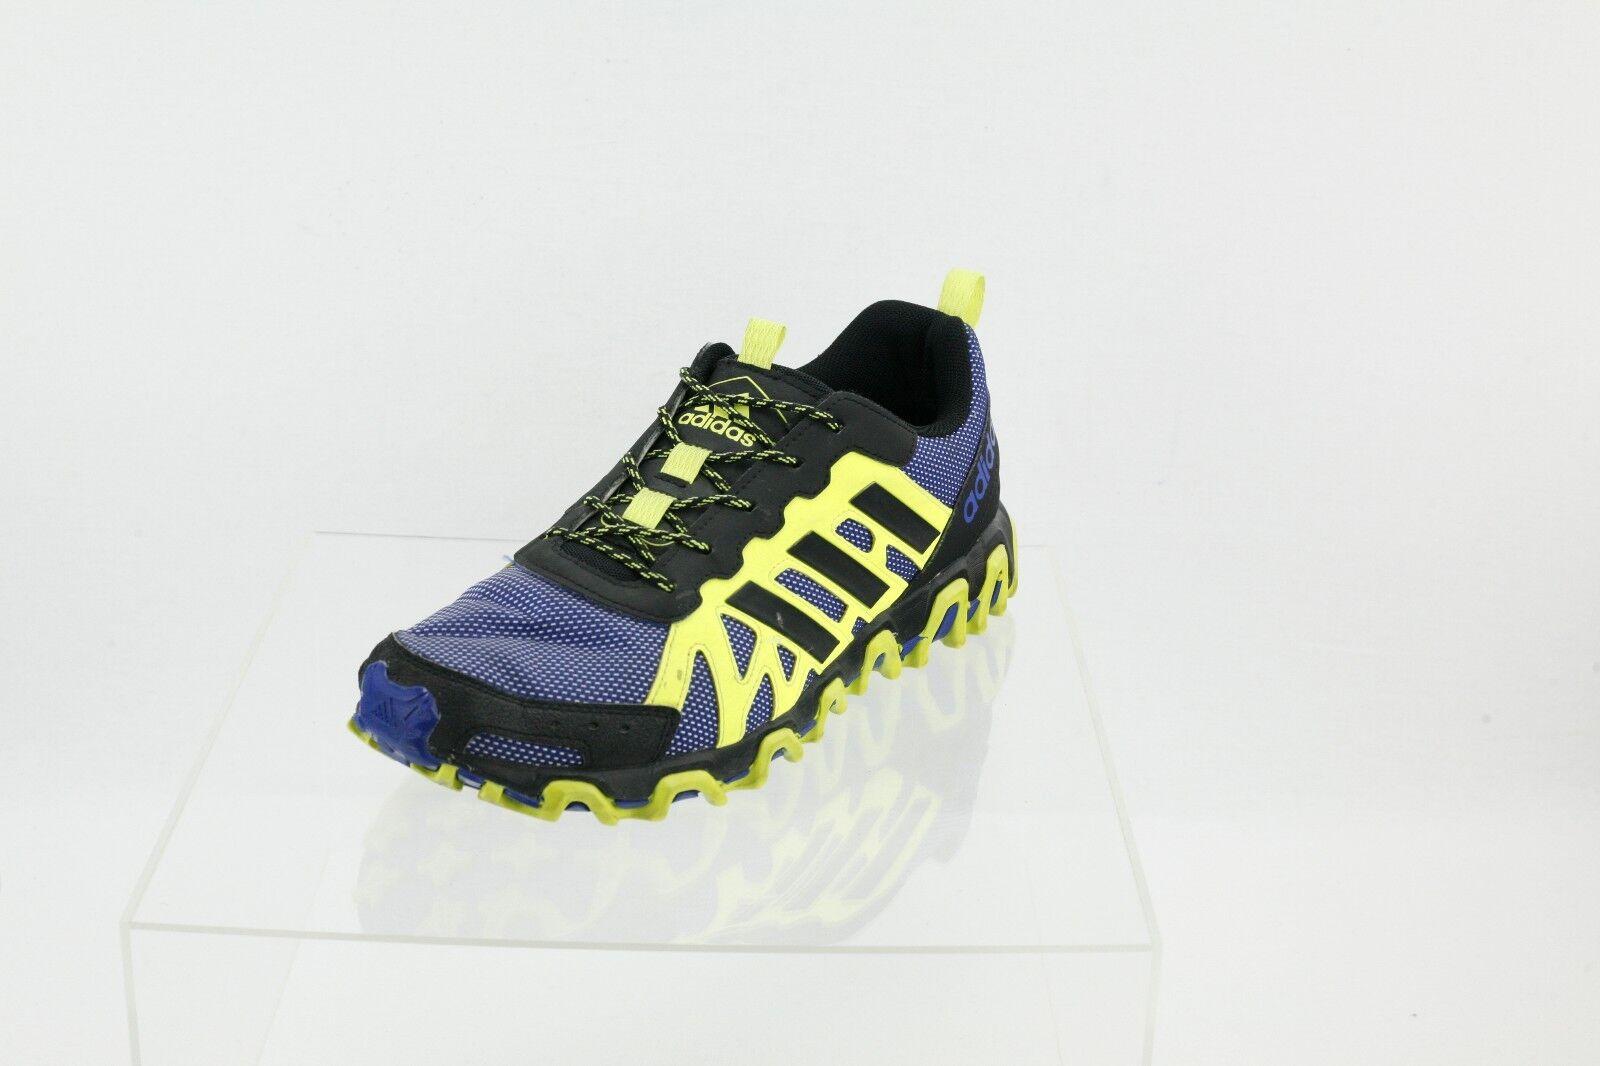 adidas performance schnitt m strecke größe laufen schuh kollegiale s76977 größe strecke 10 m, männer 2facc4